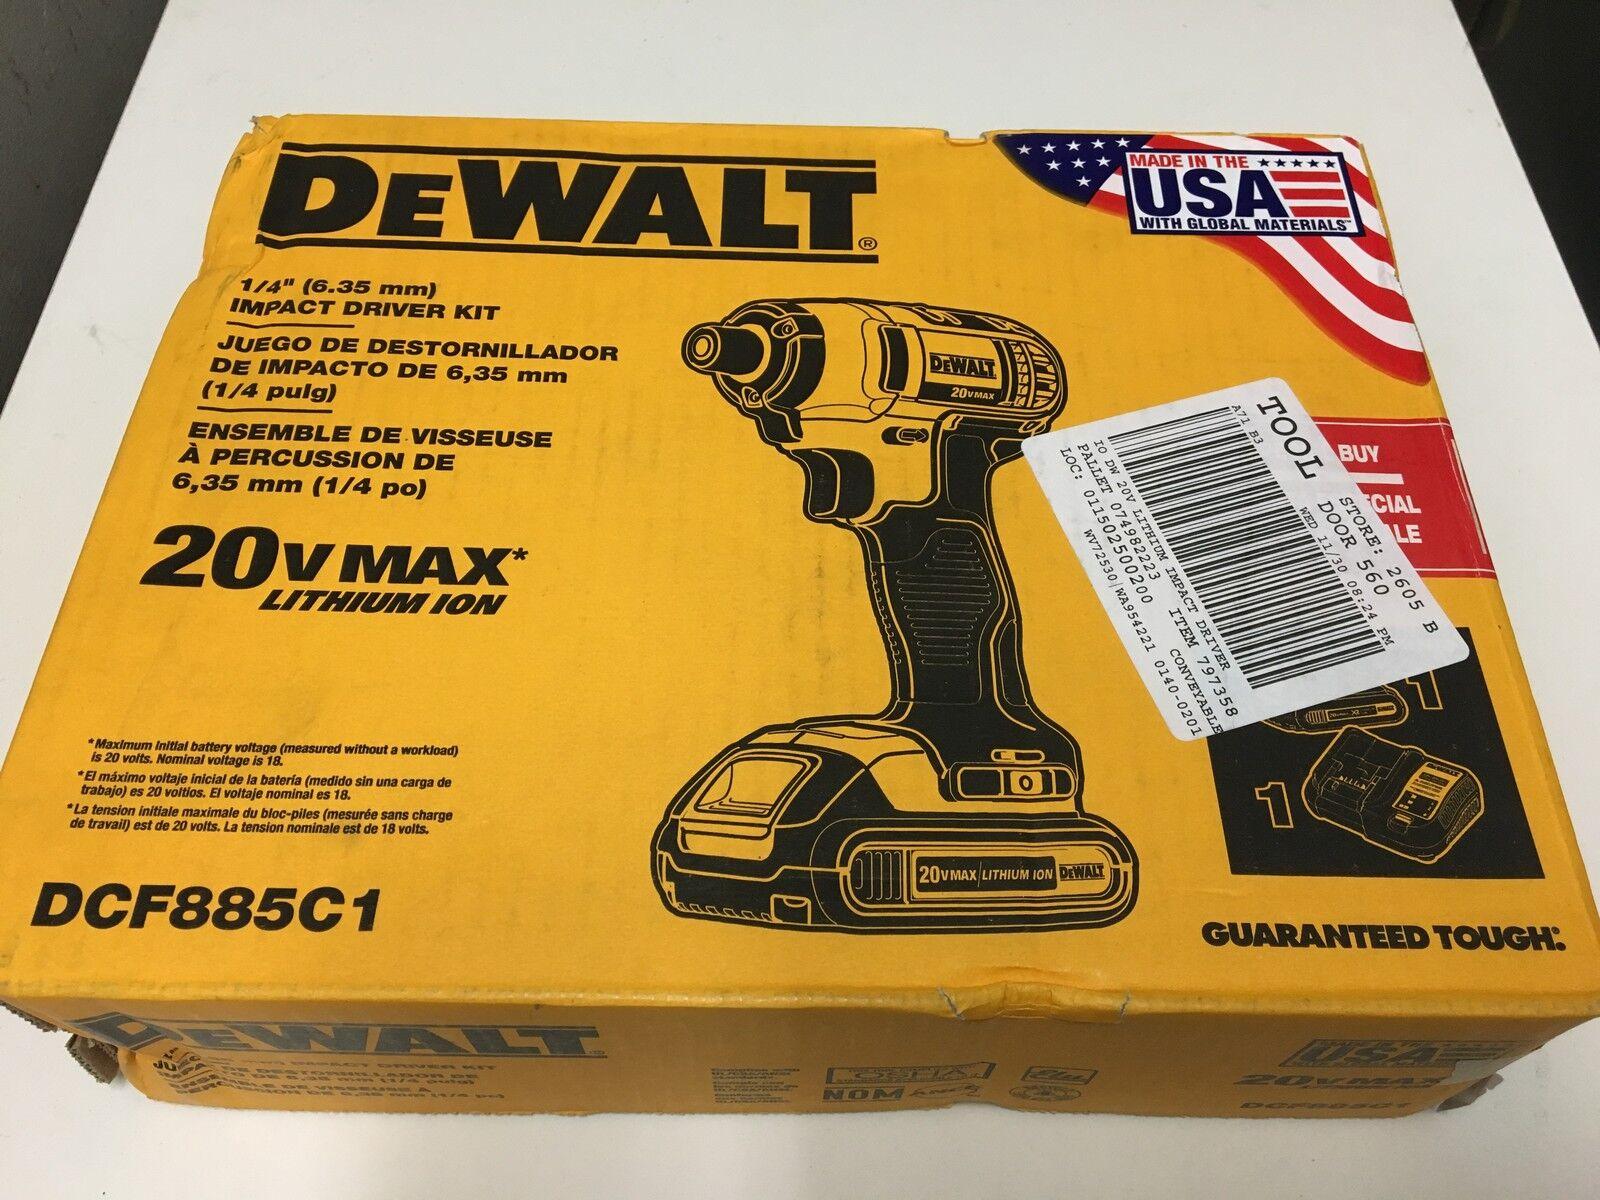 DEWALT DCF885C1 20V Max 1/4